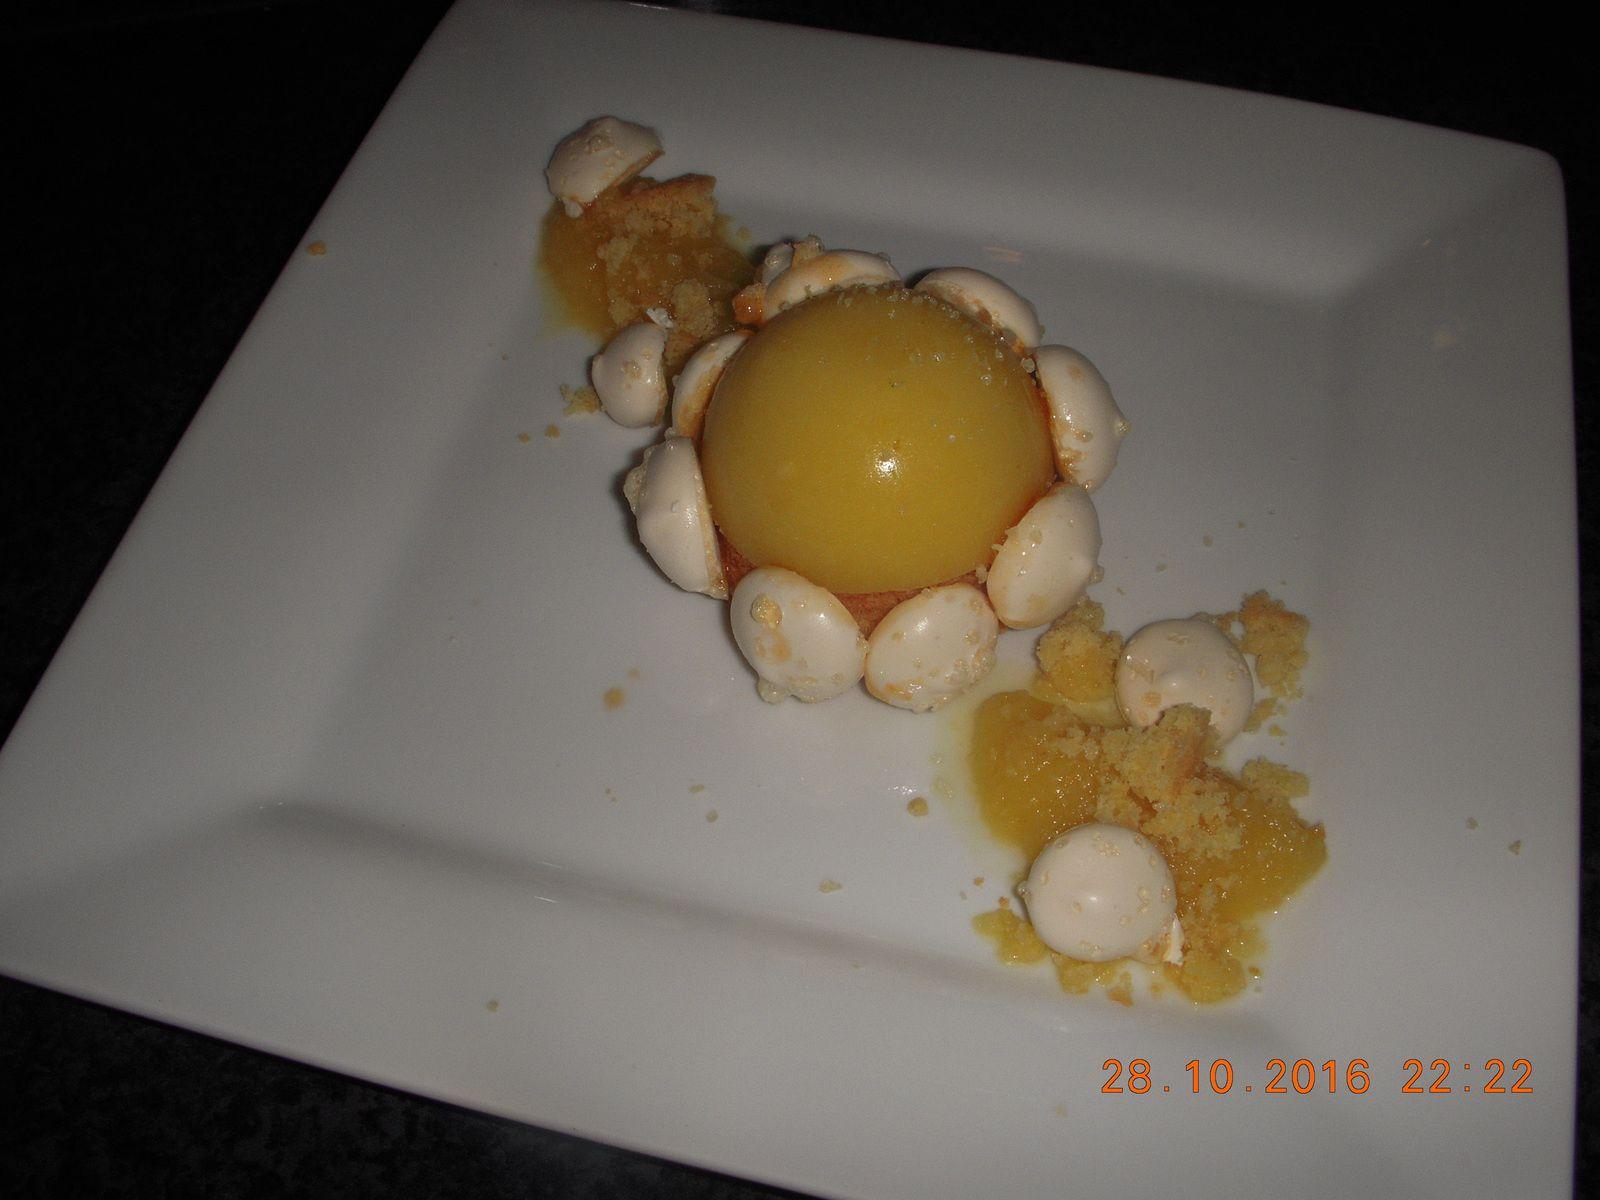 tarte au citron revisitée